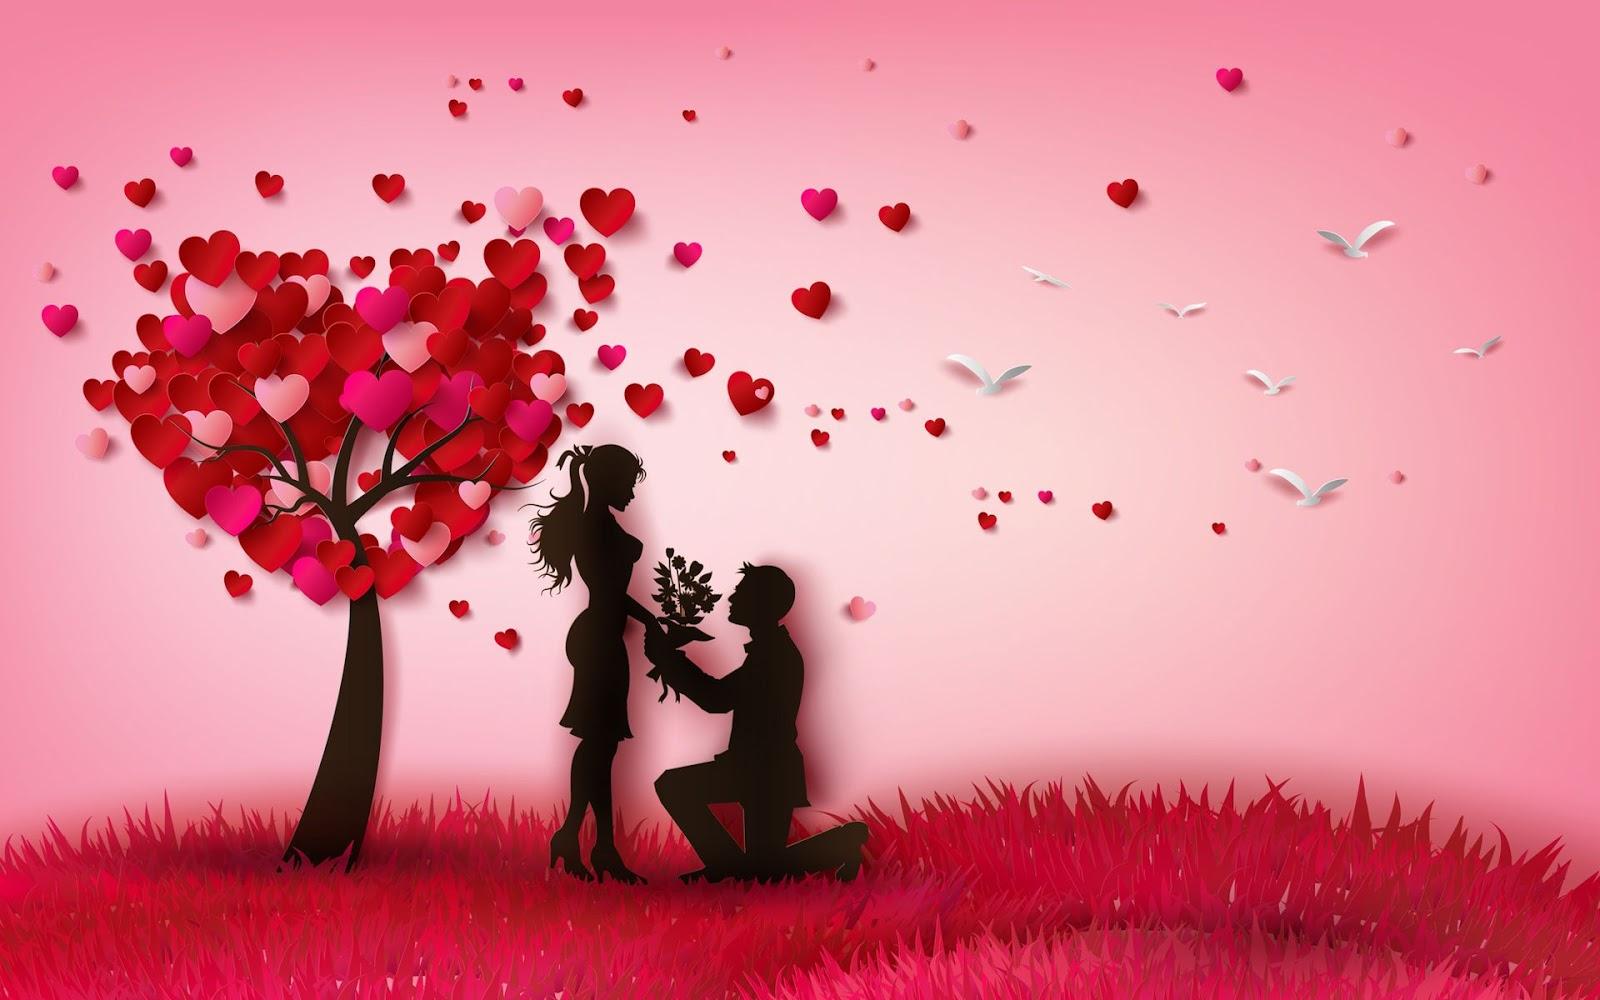 BANCO DE IMÁGENES: Fondos y wallpapers para enchular tu pc o laptop durante el mes del amor y la ...